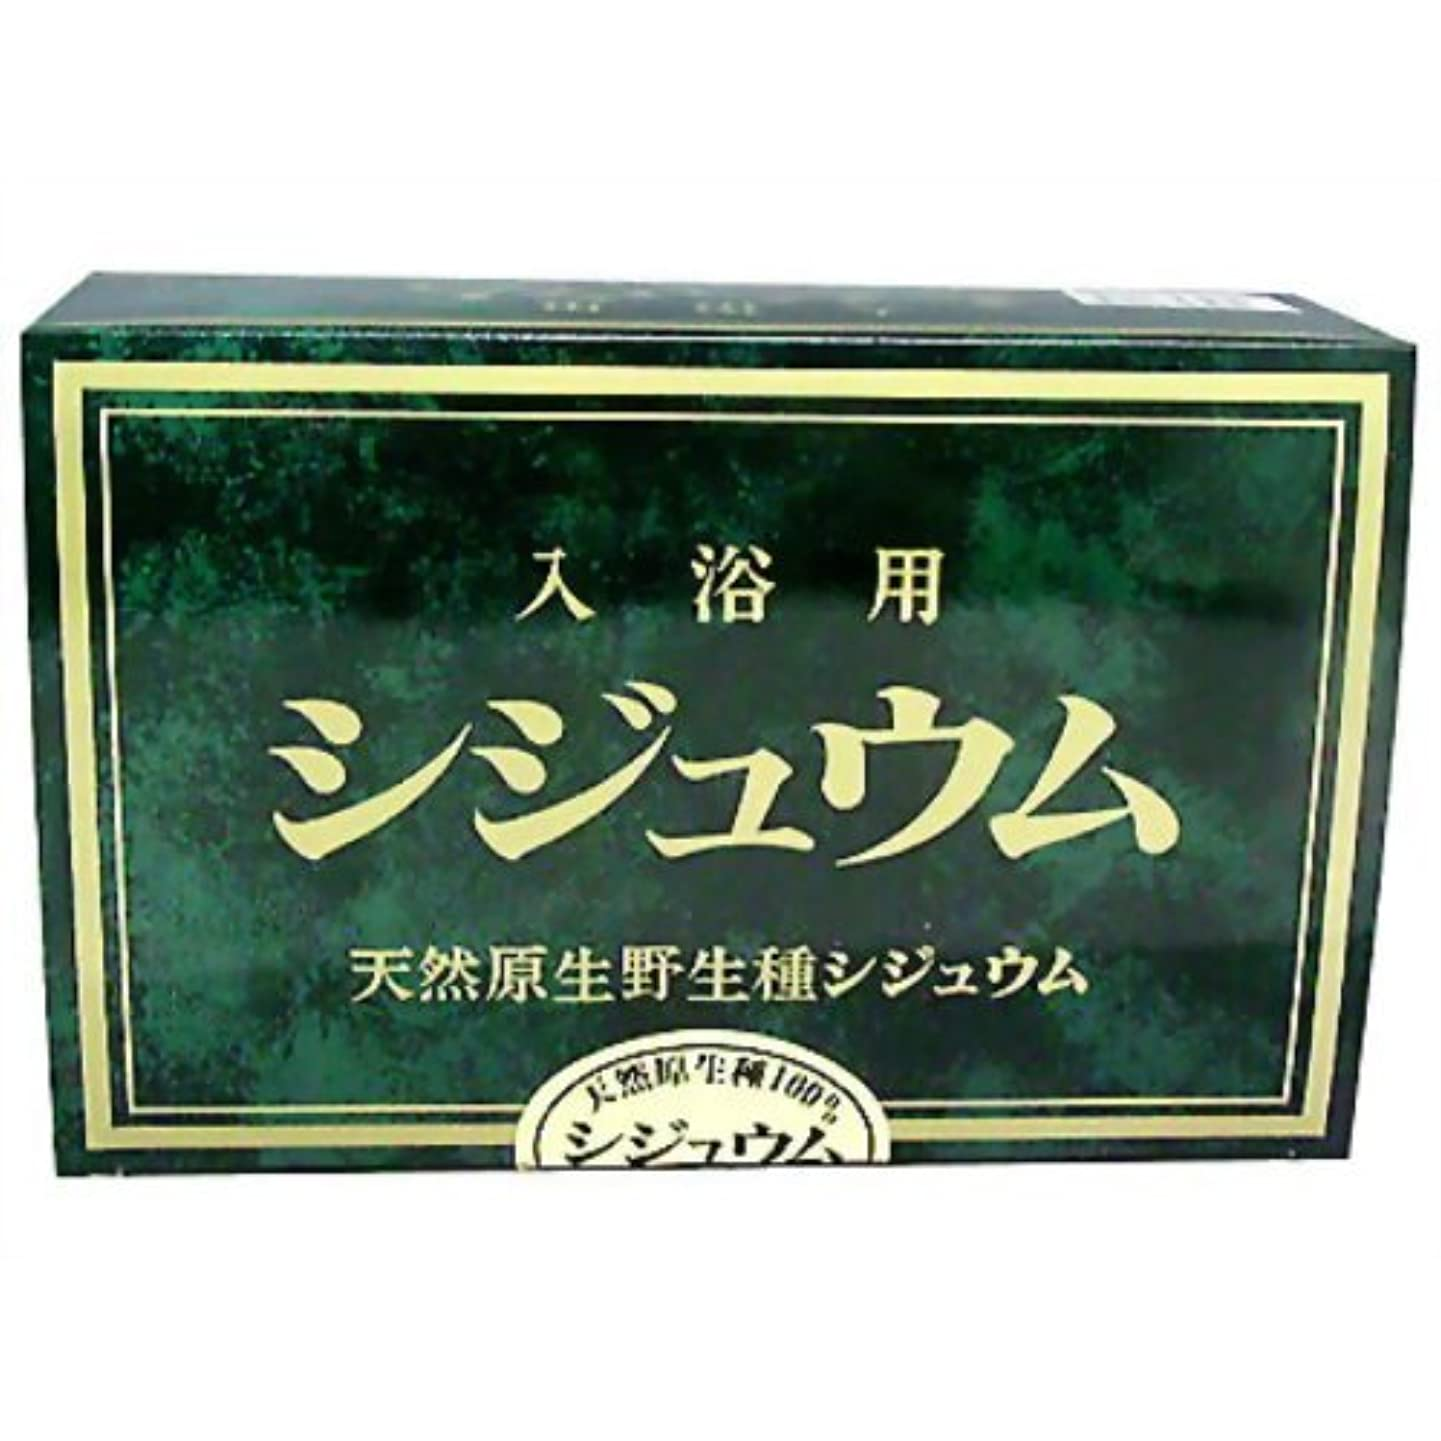 肉屋避難緊張入浴用シジュウム(入浴剤)